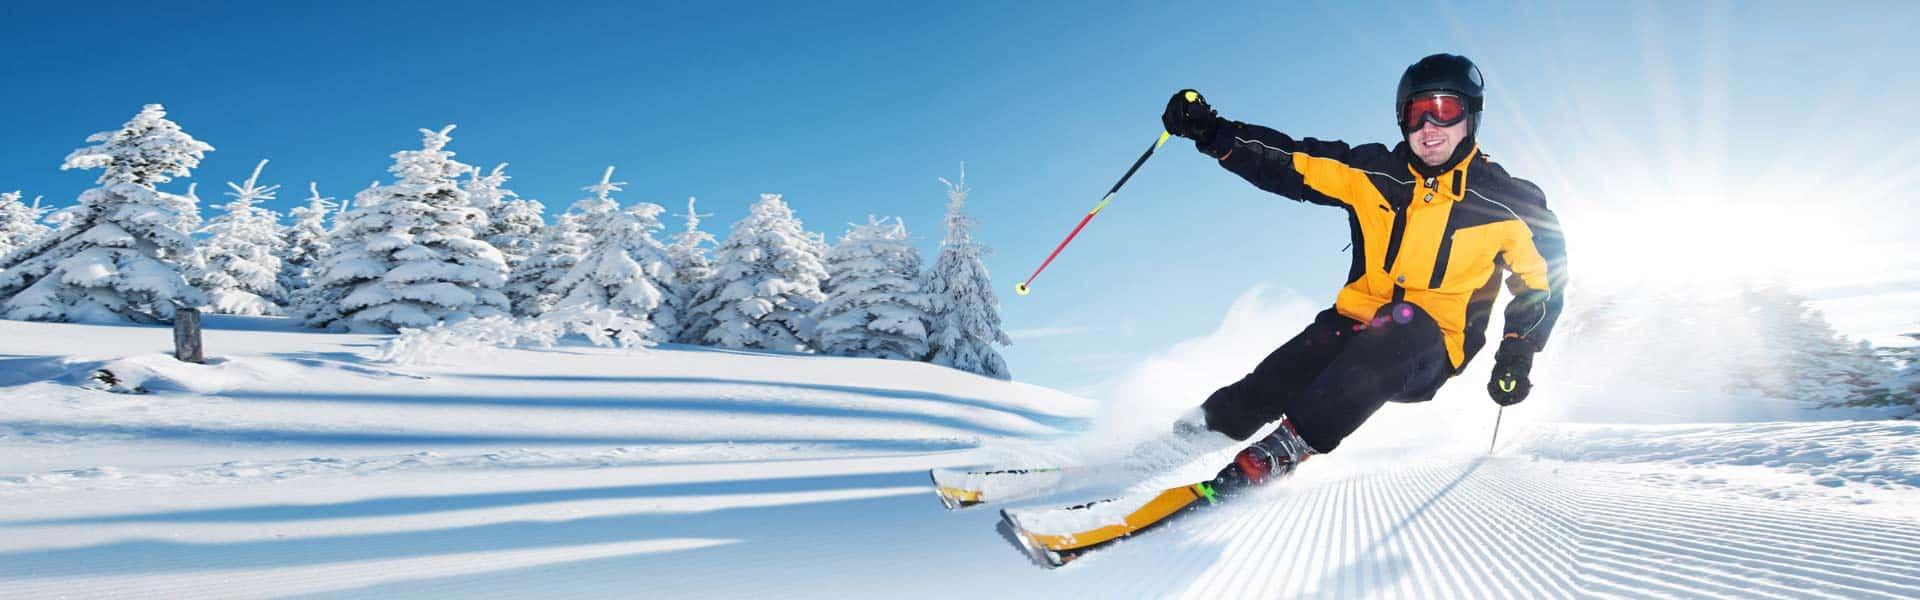 Ski kaufen – worauf muss ich bei der Skiausrüstung achten?